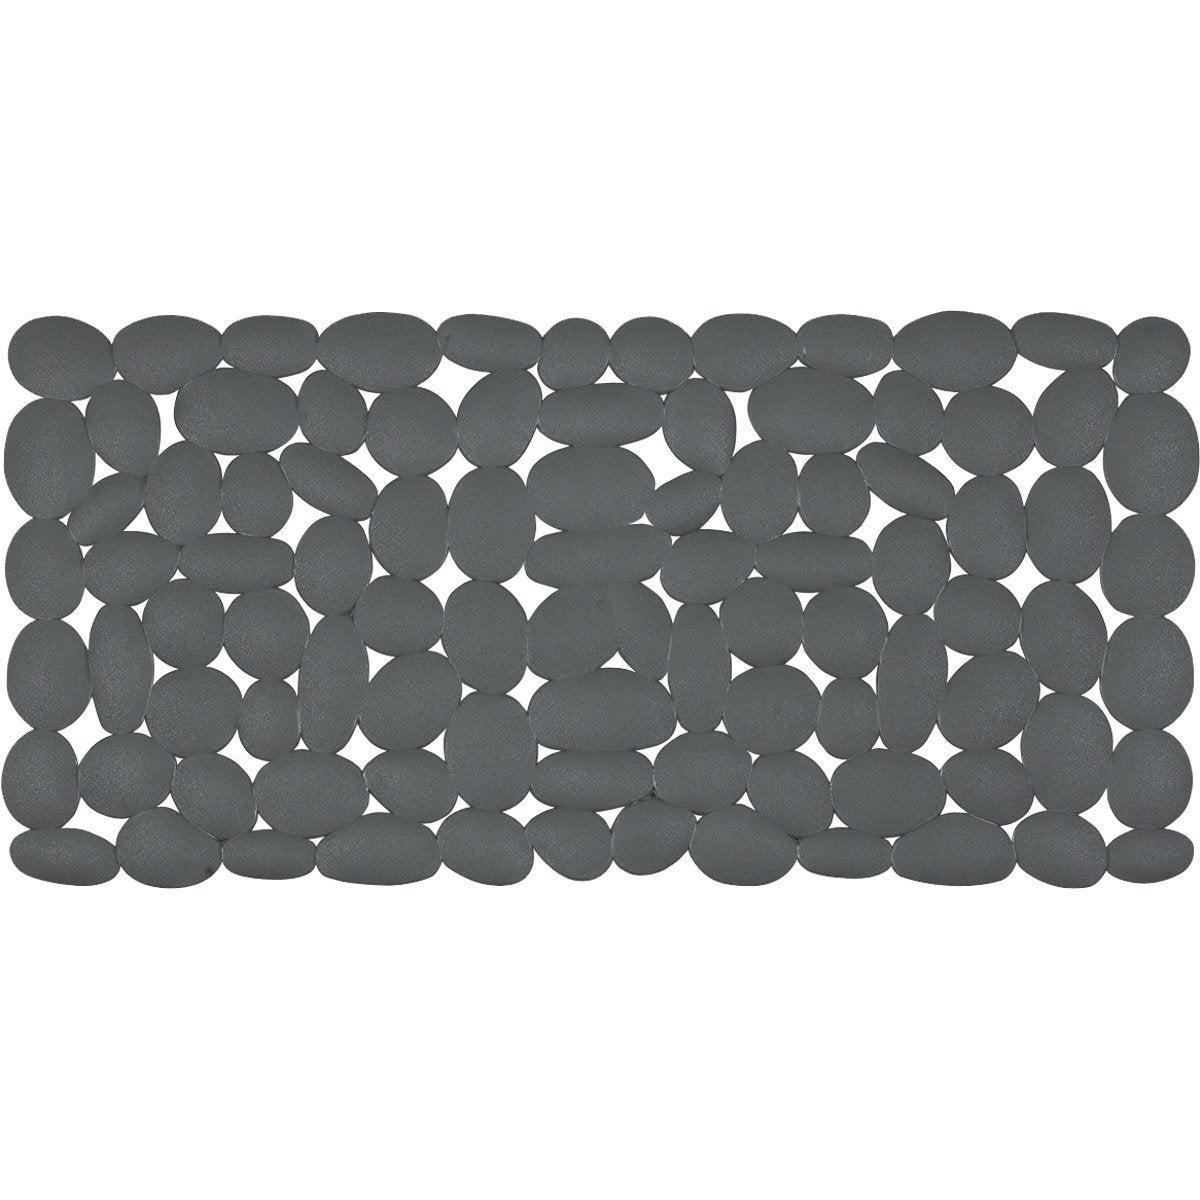 tapis antid rapant gris pour baignoire marathon tapis anti d rapant de salle de bains. Black Bedroom Furniture Sets. Home Design Ideas